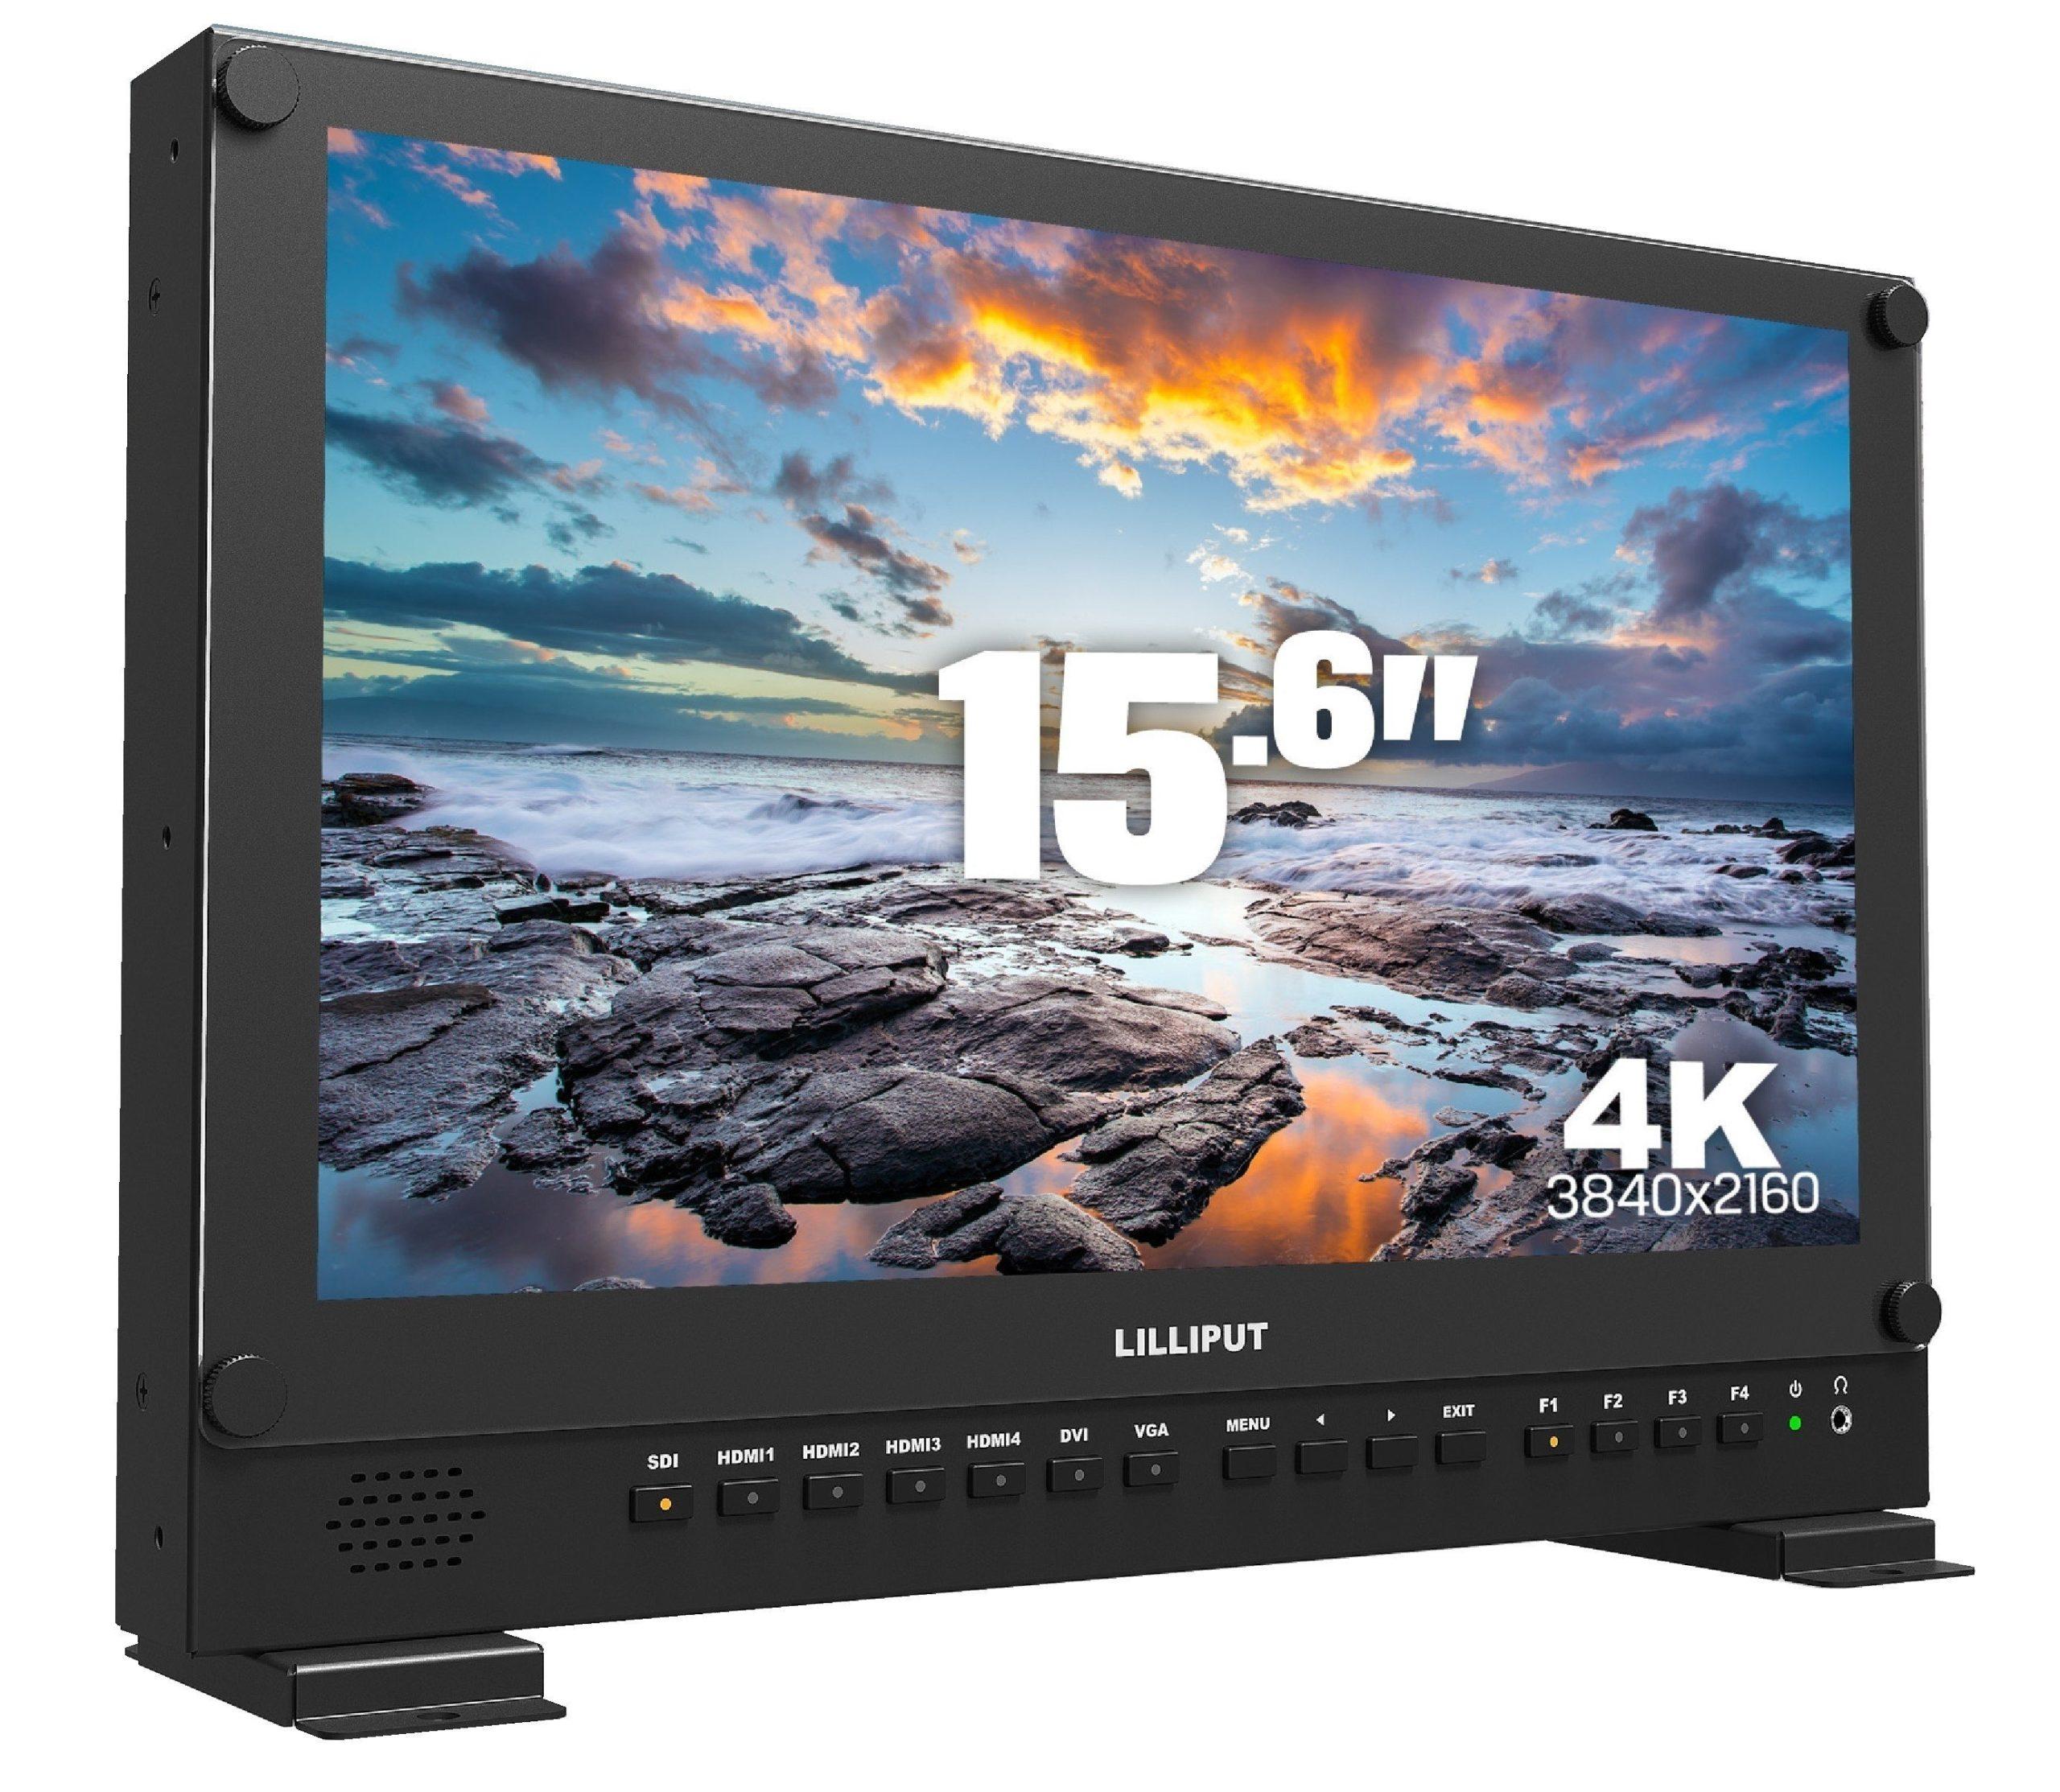 Lilliput_BM-230-4K_monitor_15 2